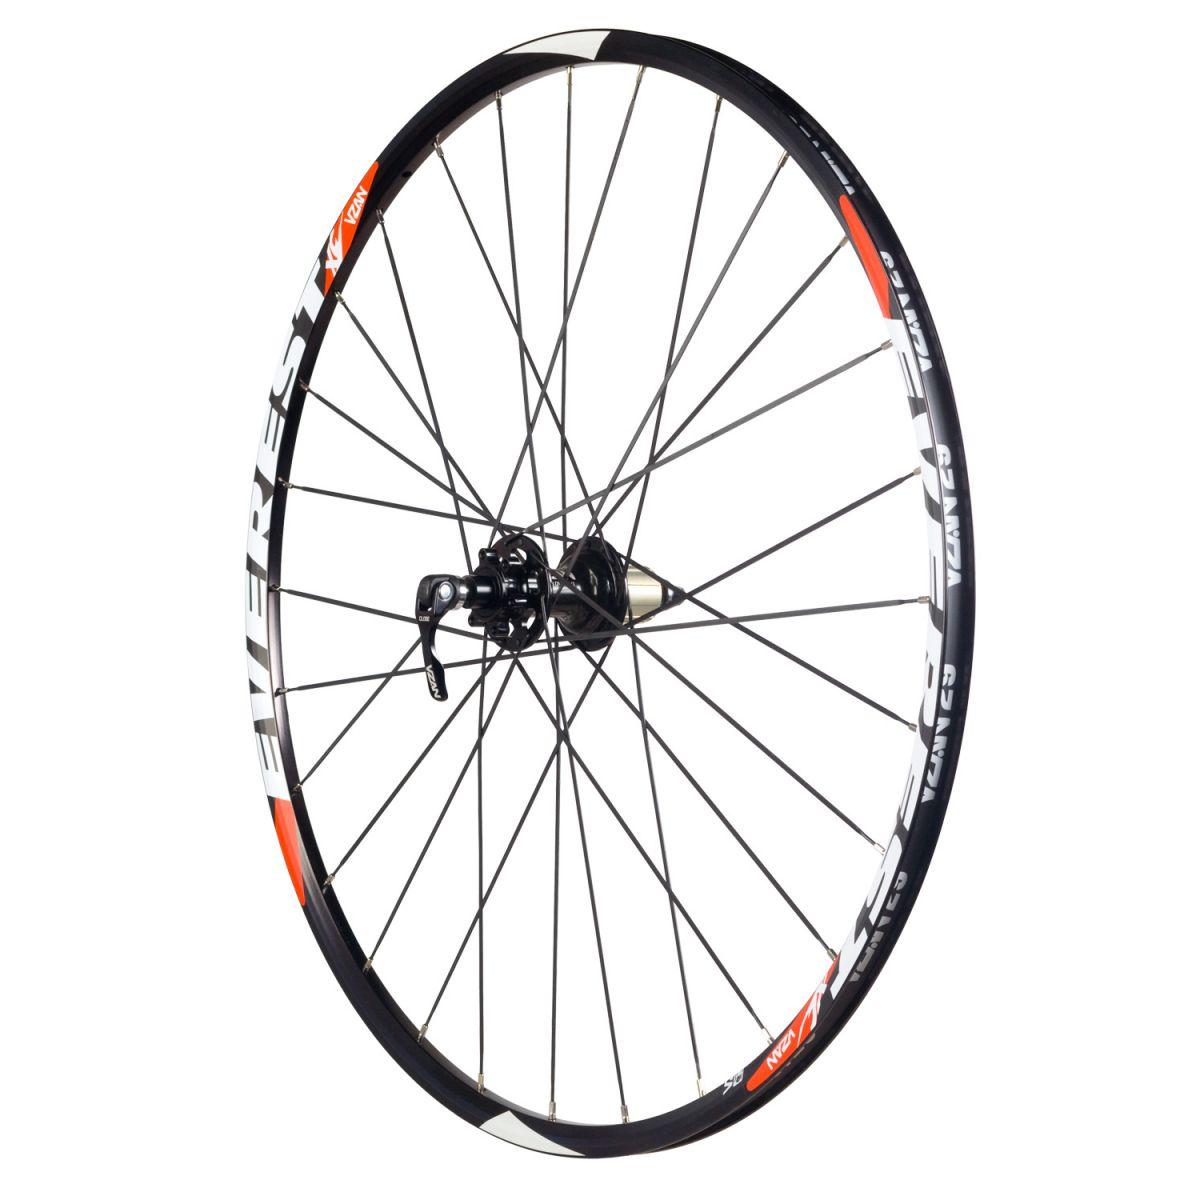 Roda Vzan Everest XC 29 V12